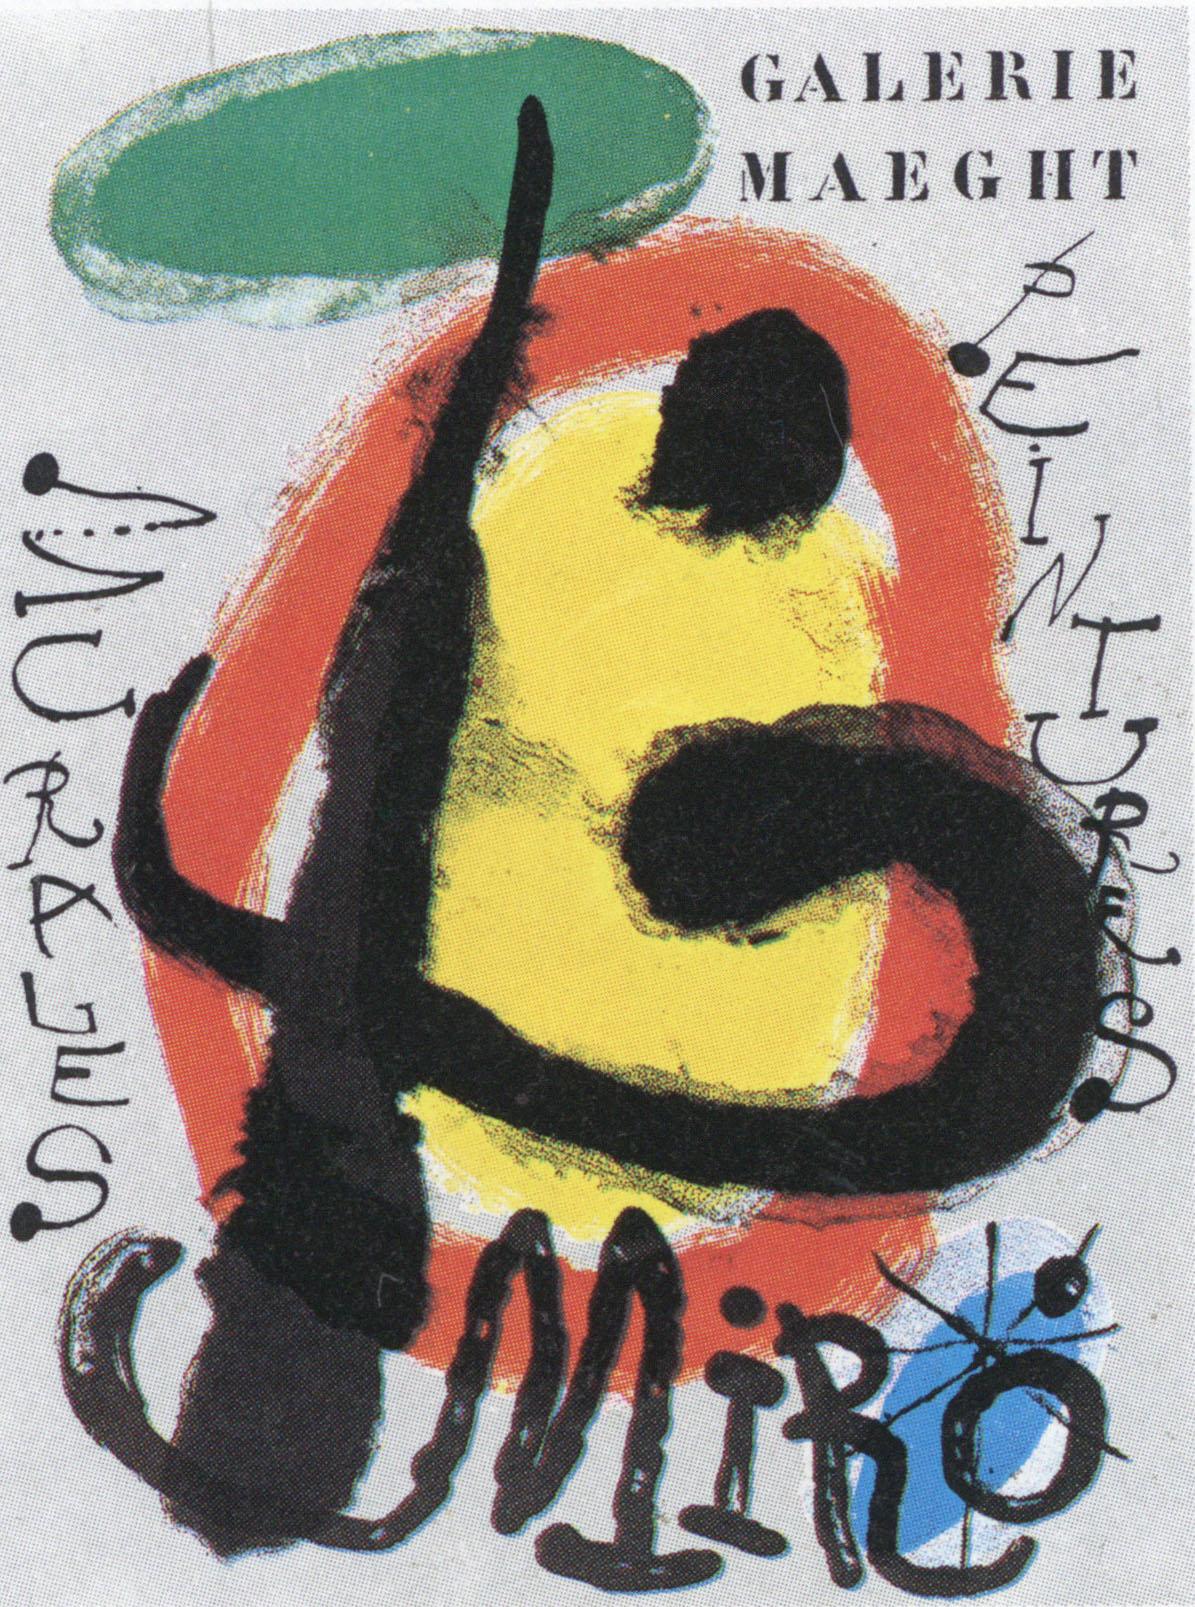 ジョアン・ミロ ポスター「Peintures murales」 /Joan Miro